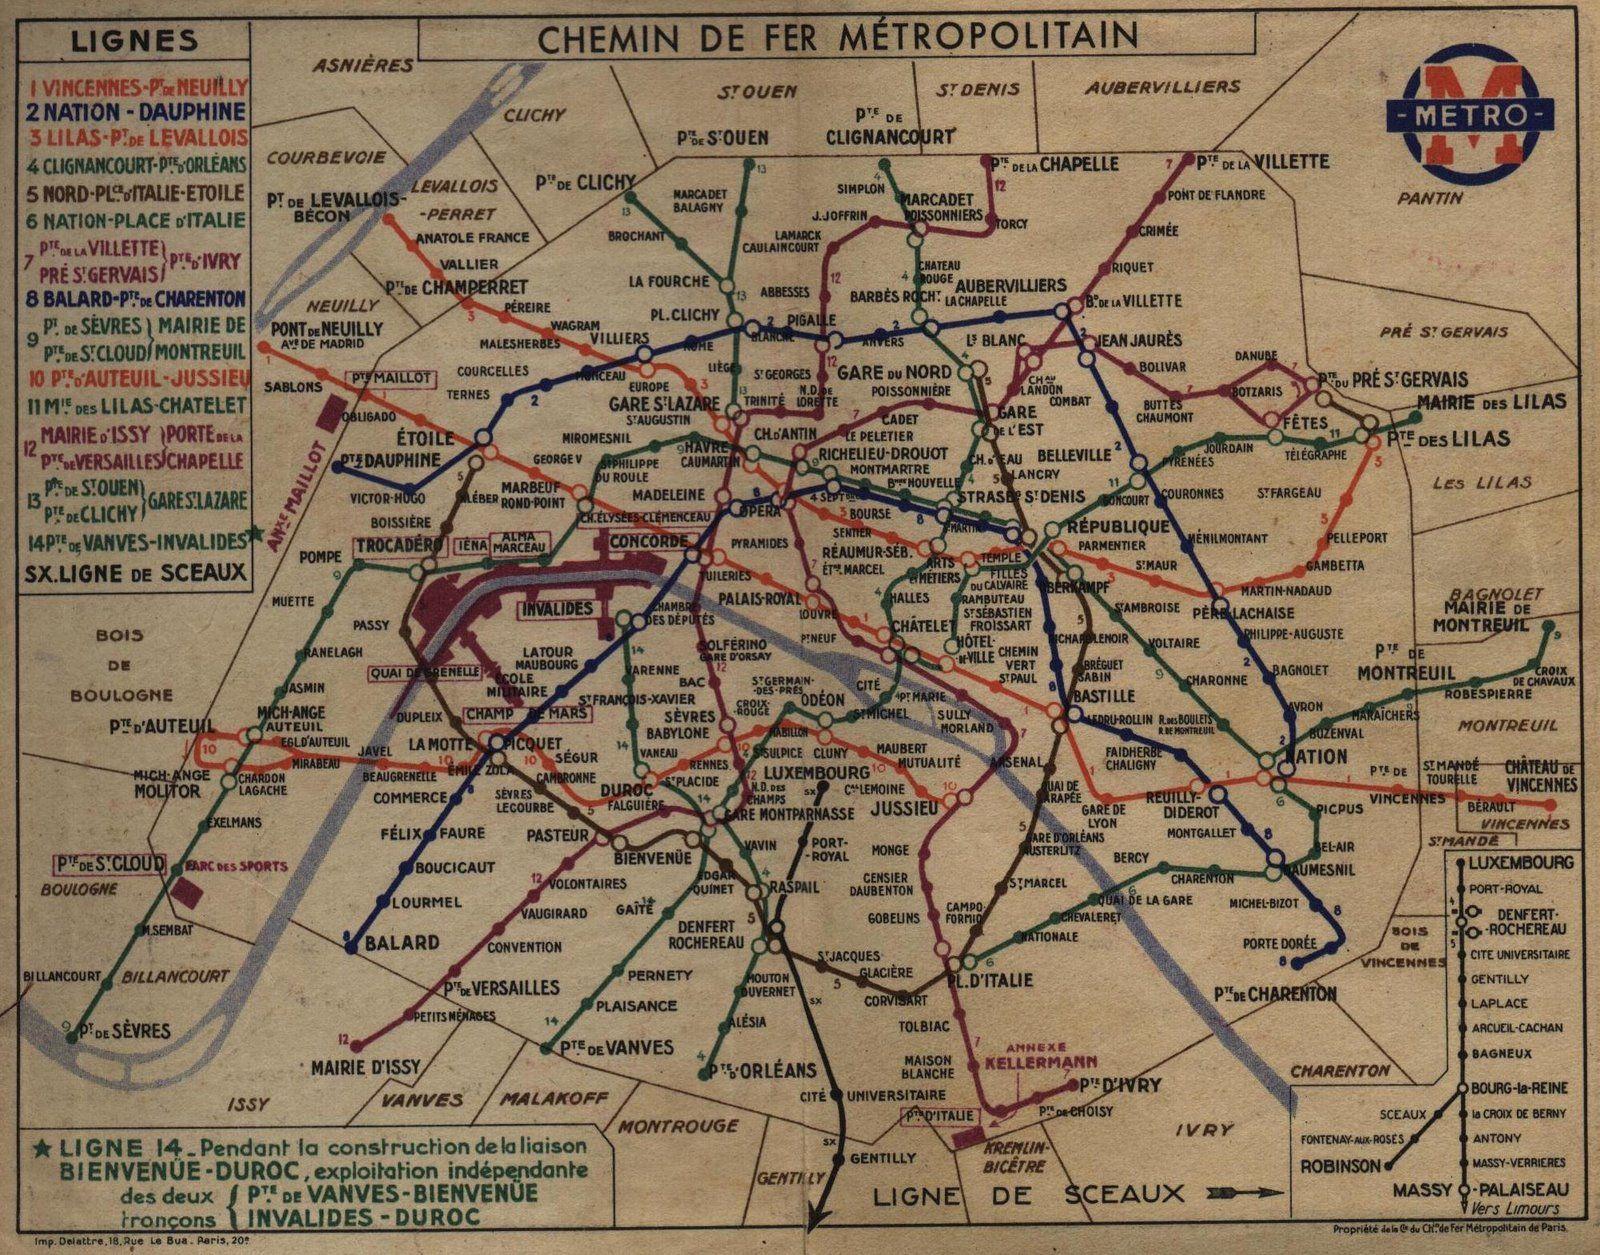 Paris metro Paris Mtro map 1937 Compared